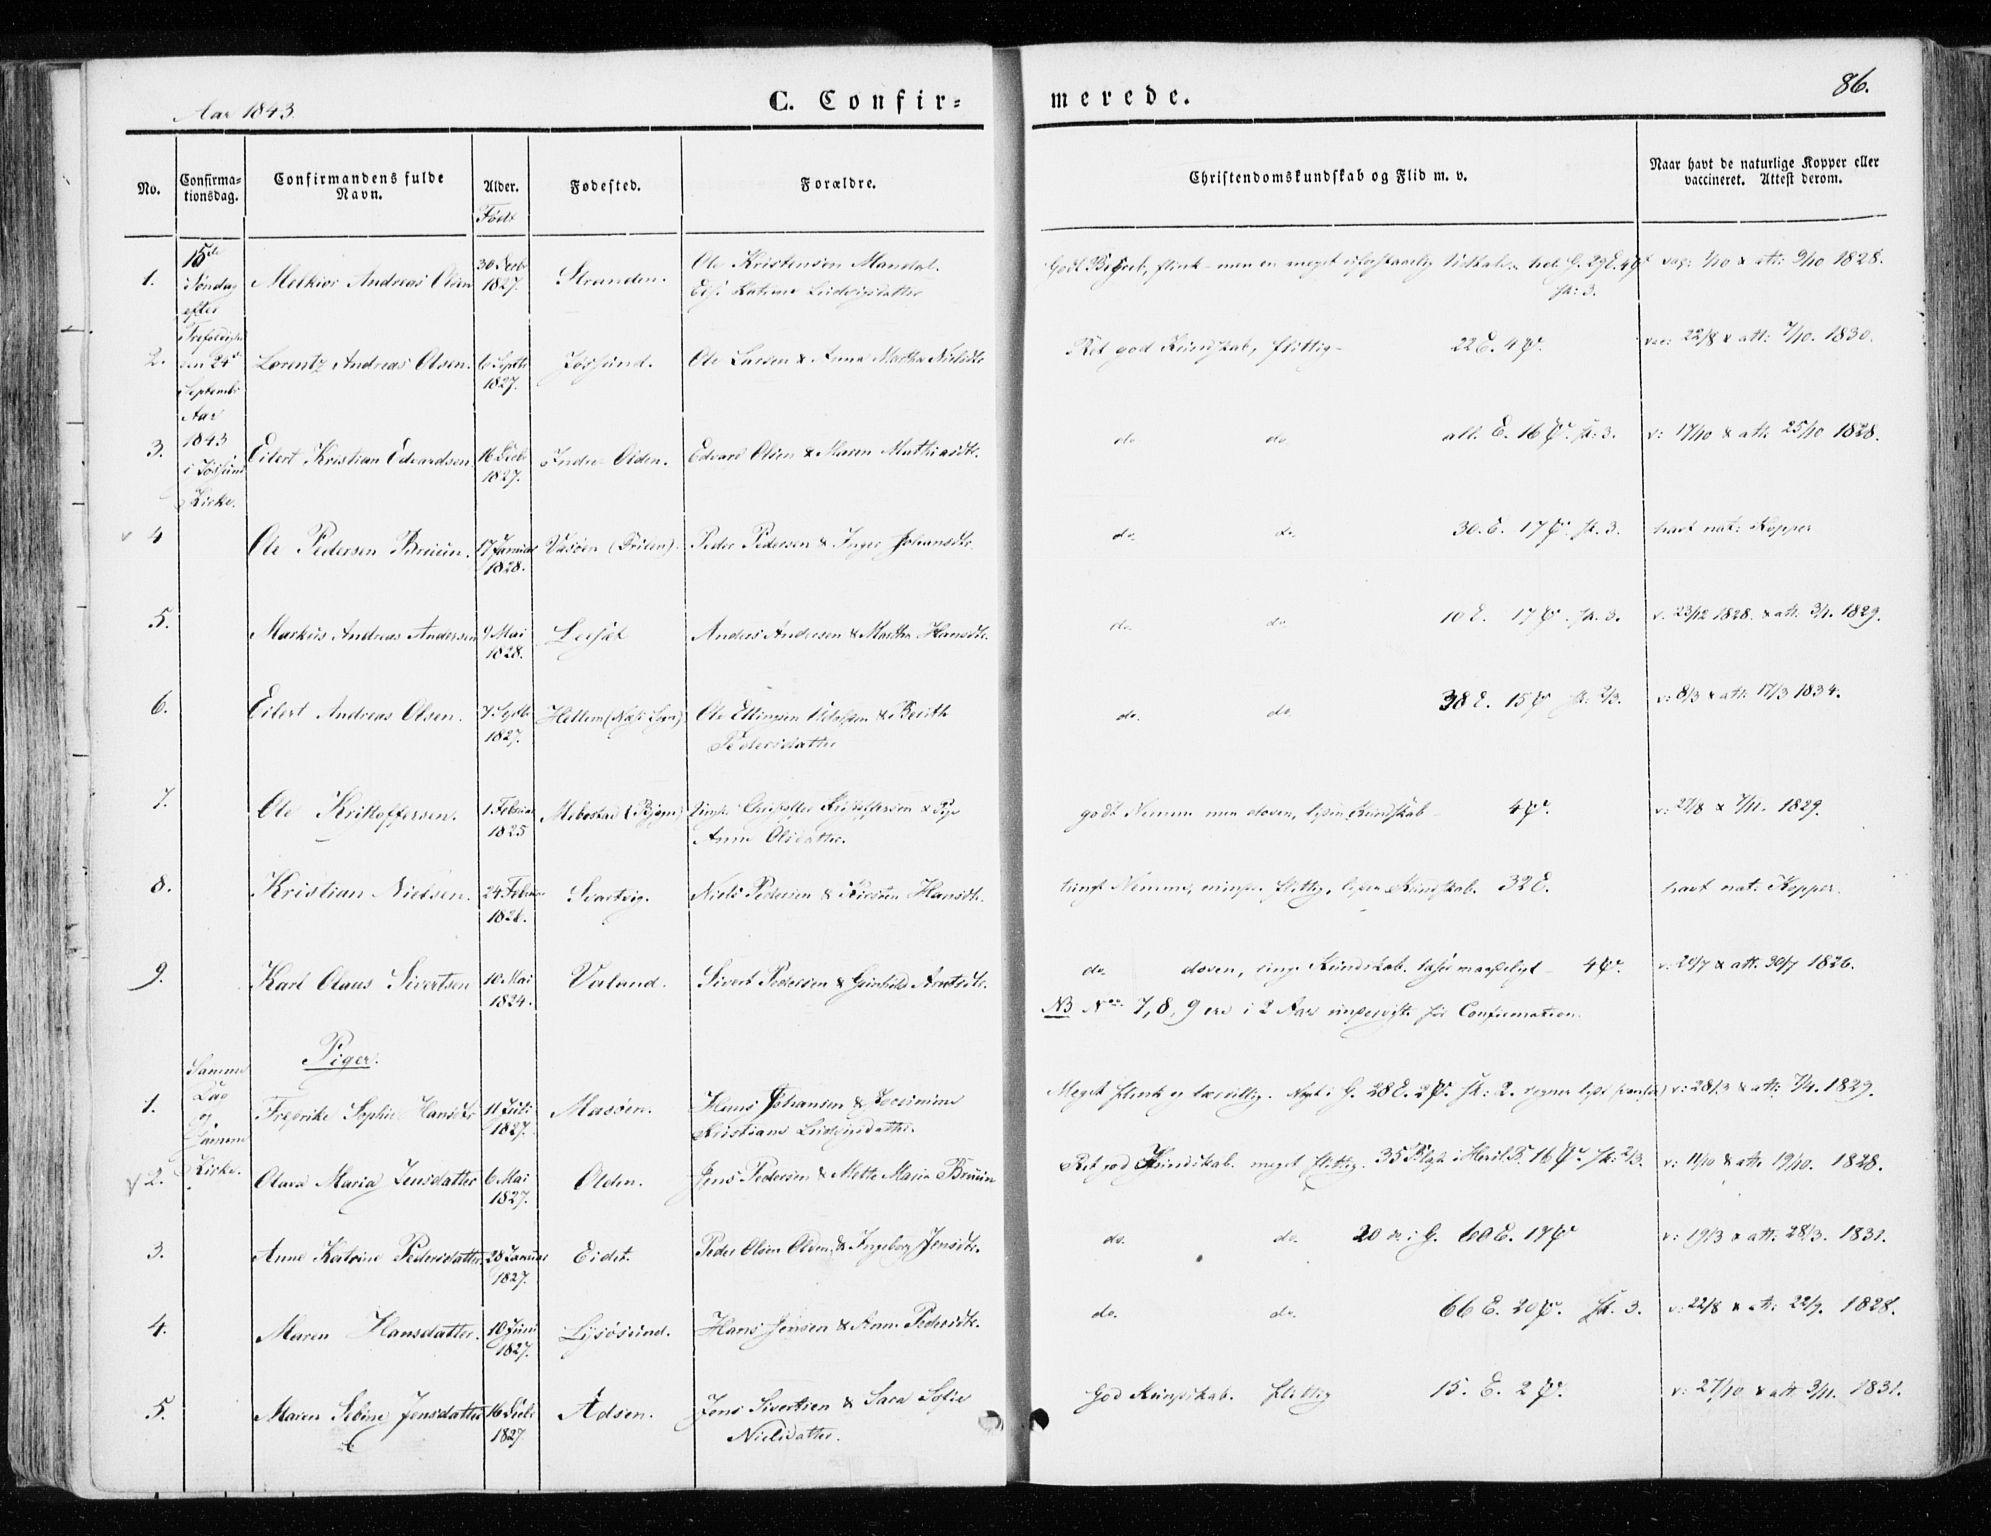 SAT, Ministerialprotokoller, klokkerbøker og fødselsregistre - Sør-Trøndelag, 655/L0677: Ministerialbok nr. 655A06, 1847-1860, s. 86